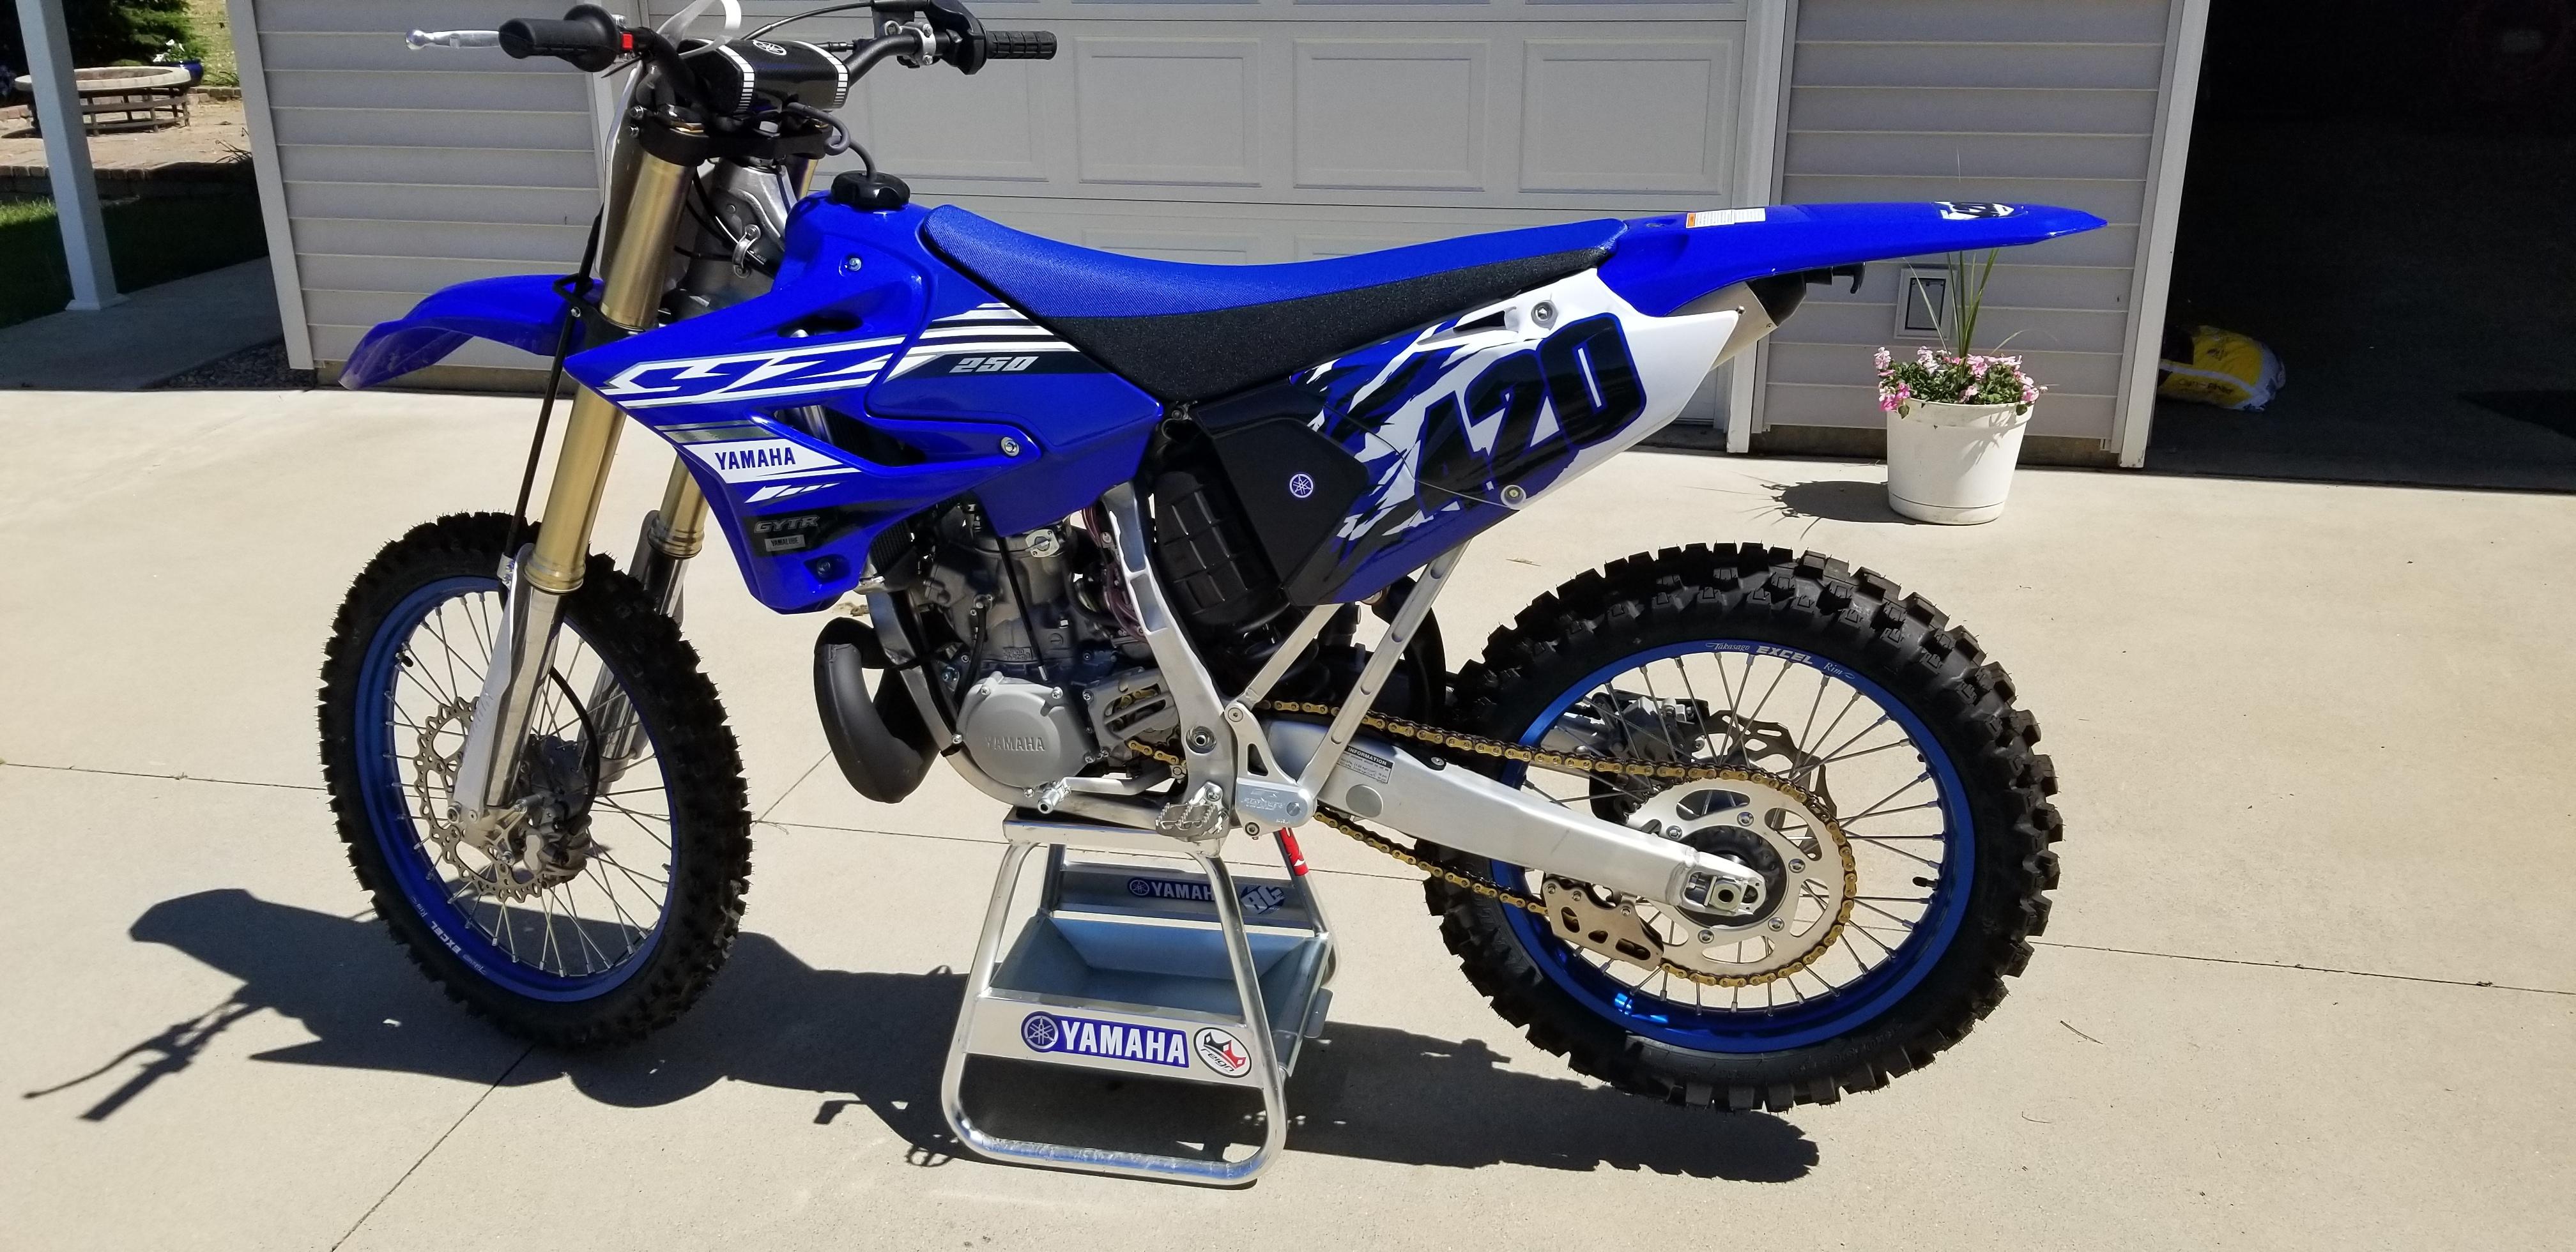 Photo Used 2019 Yamaha Competition Motorcycle  $8000